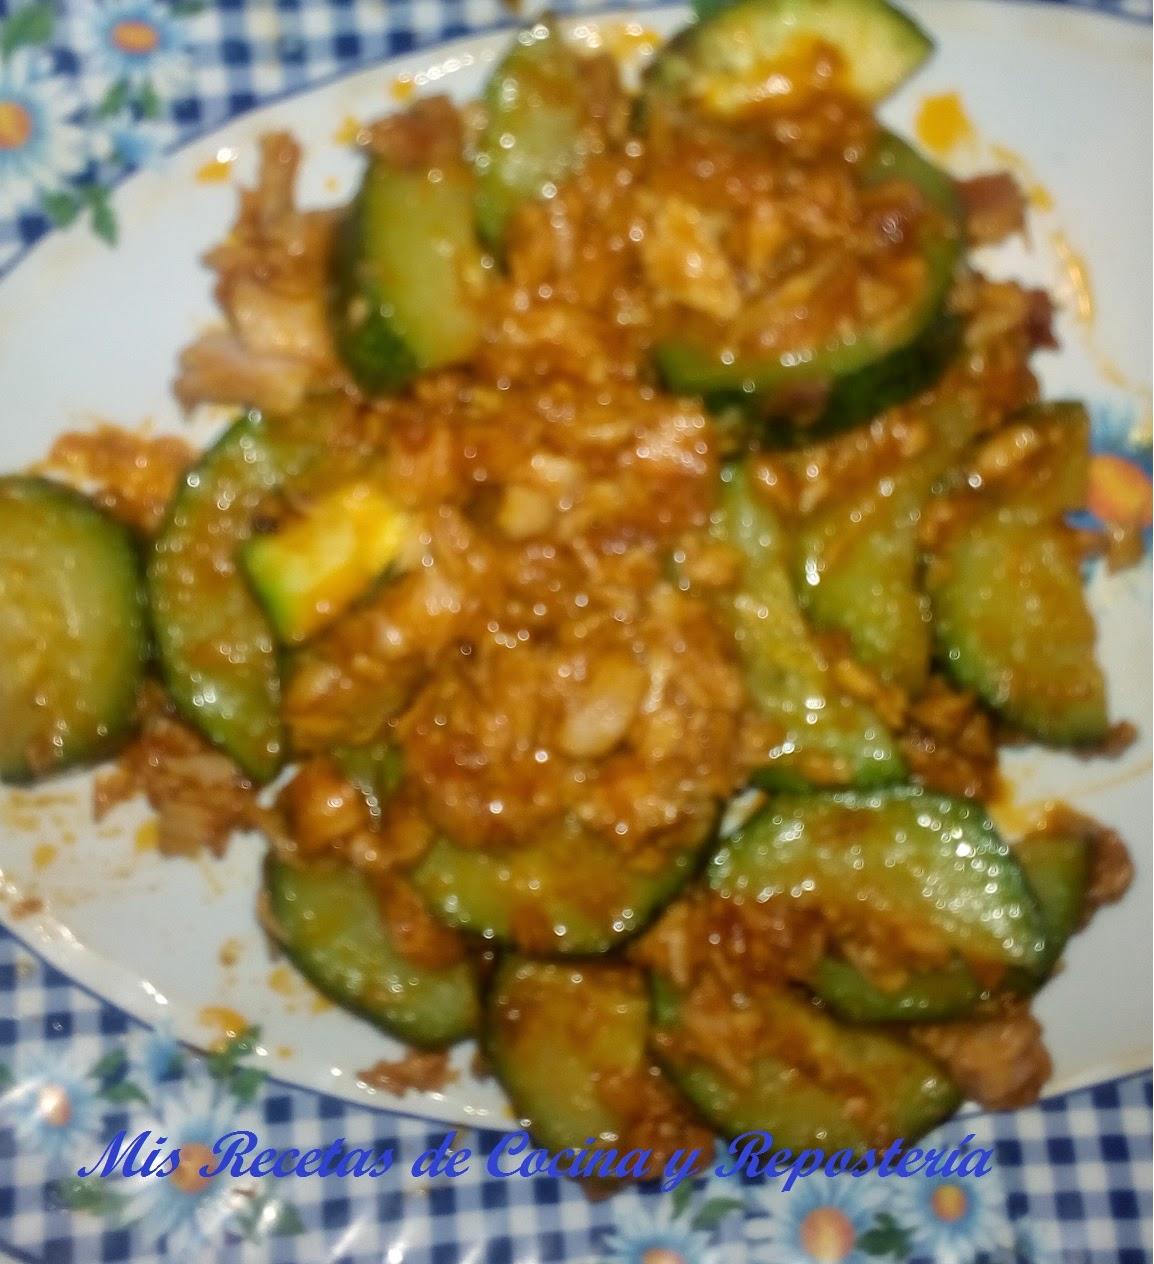 Mis recetas de cocina y reposter a calabac n con at n y for Cocina de isasaweis